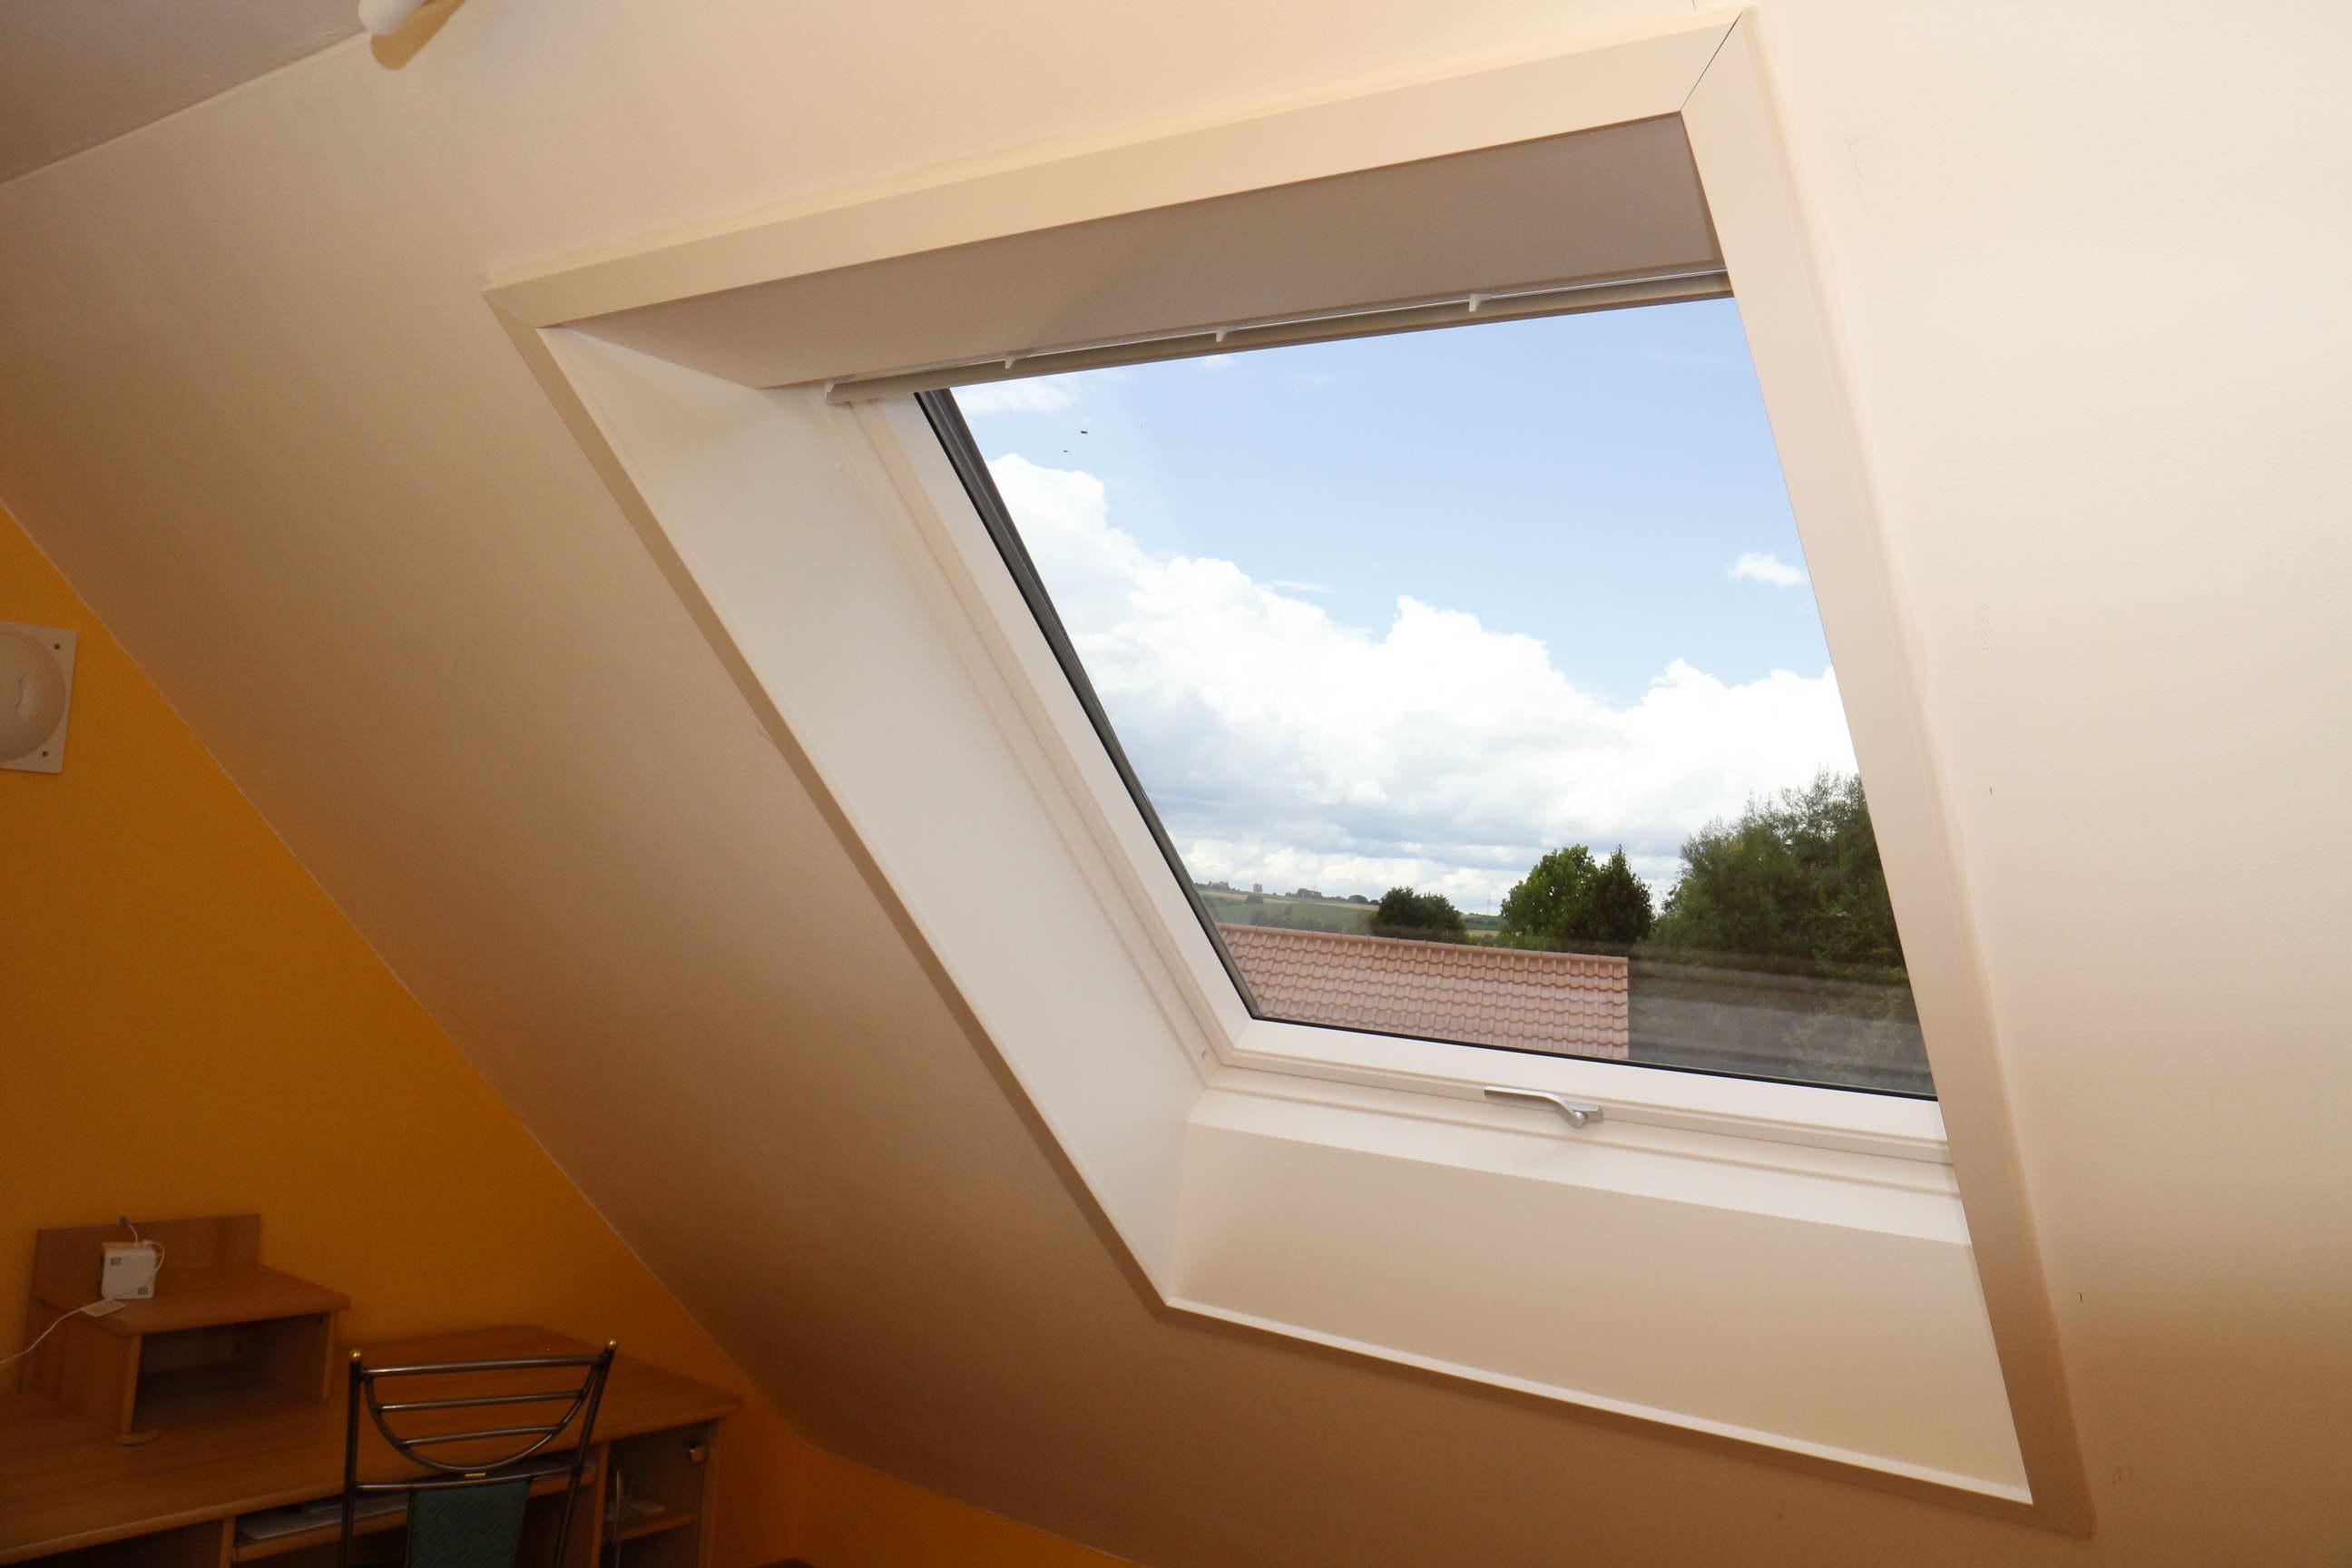 Einbau eines neuen VELUX Dachflächenfensters: